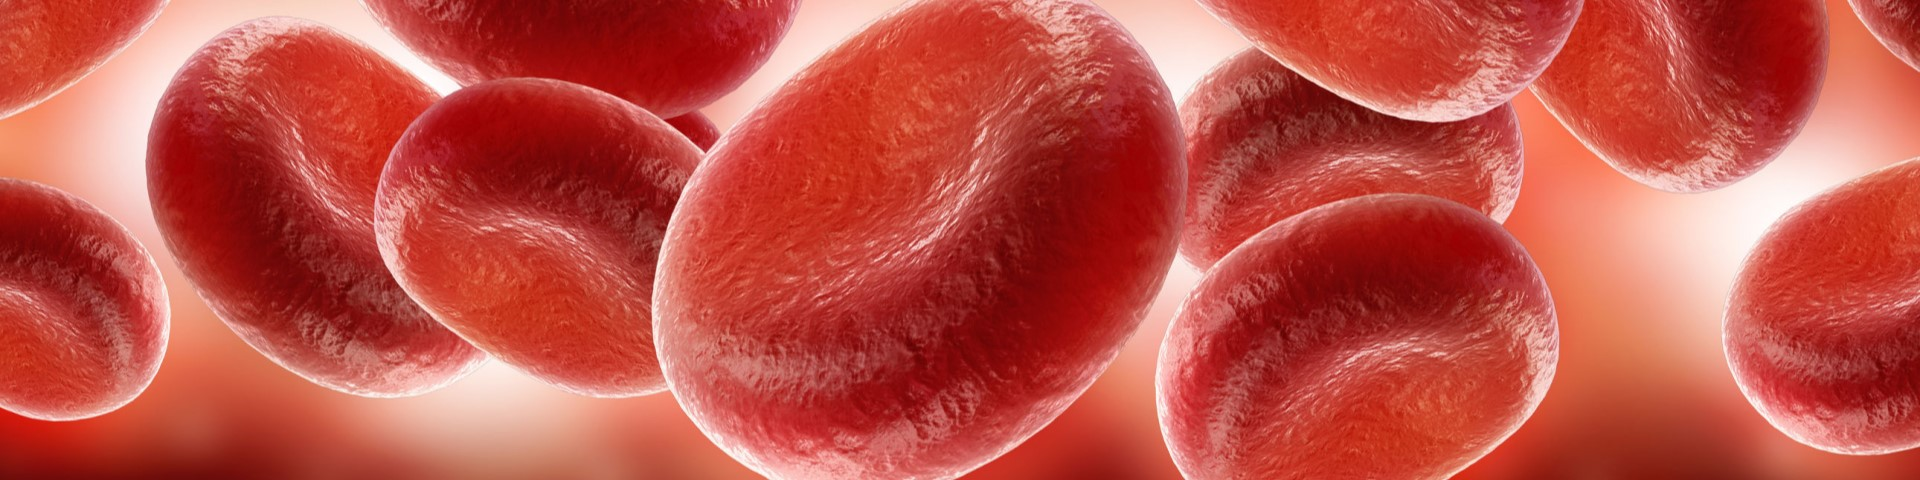 Immunoematologia e trapianto allogenico di cellule staminali emopoietiche